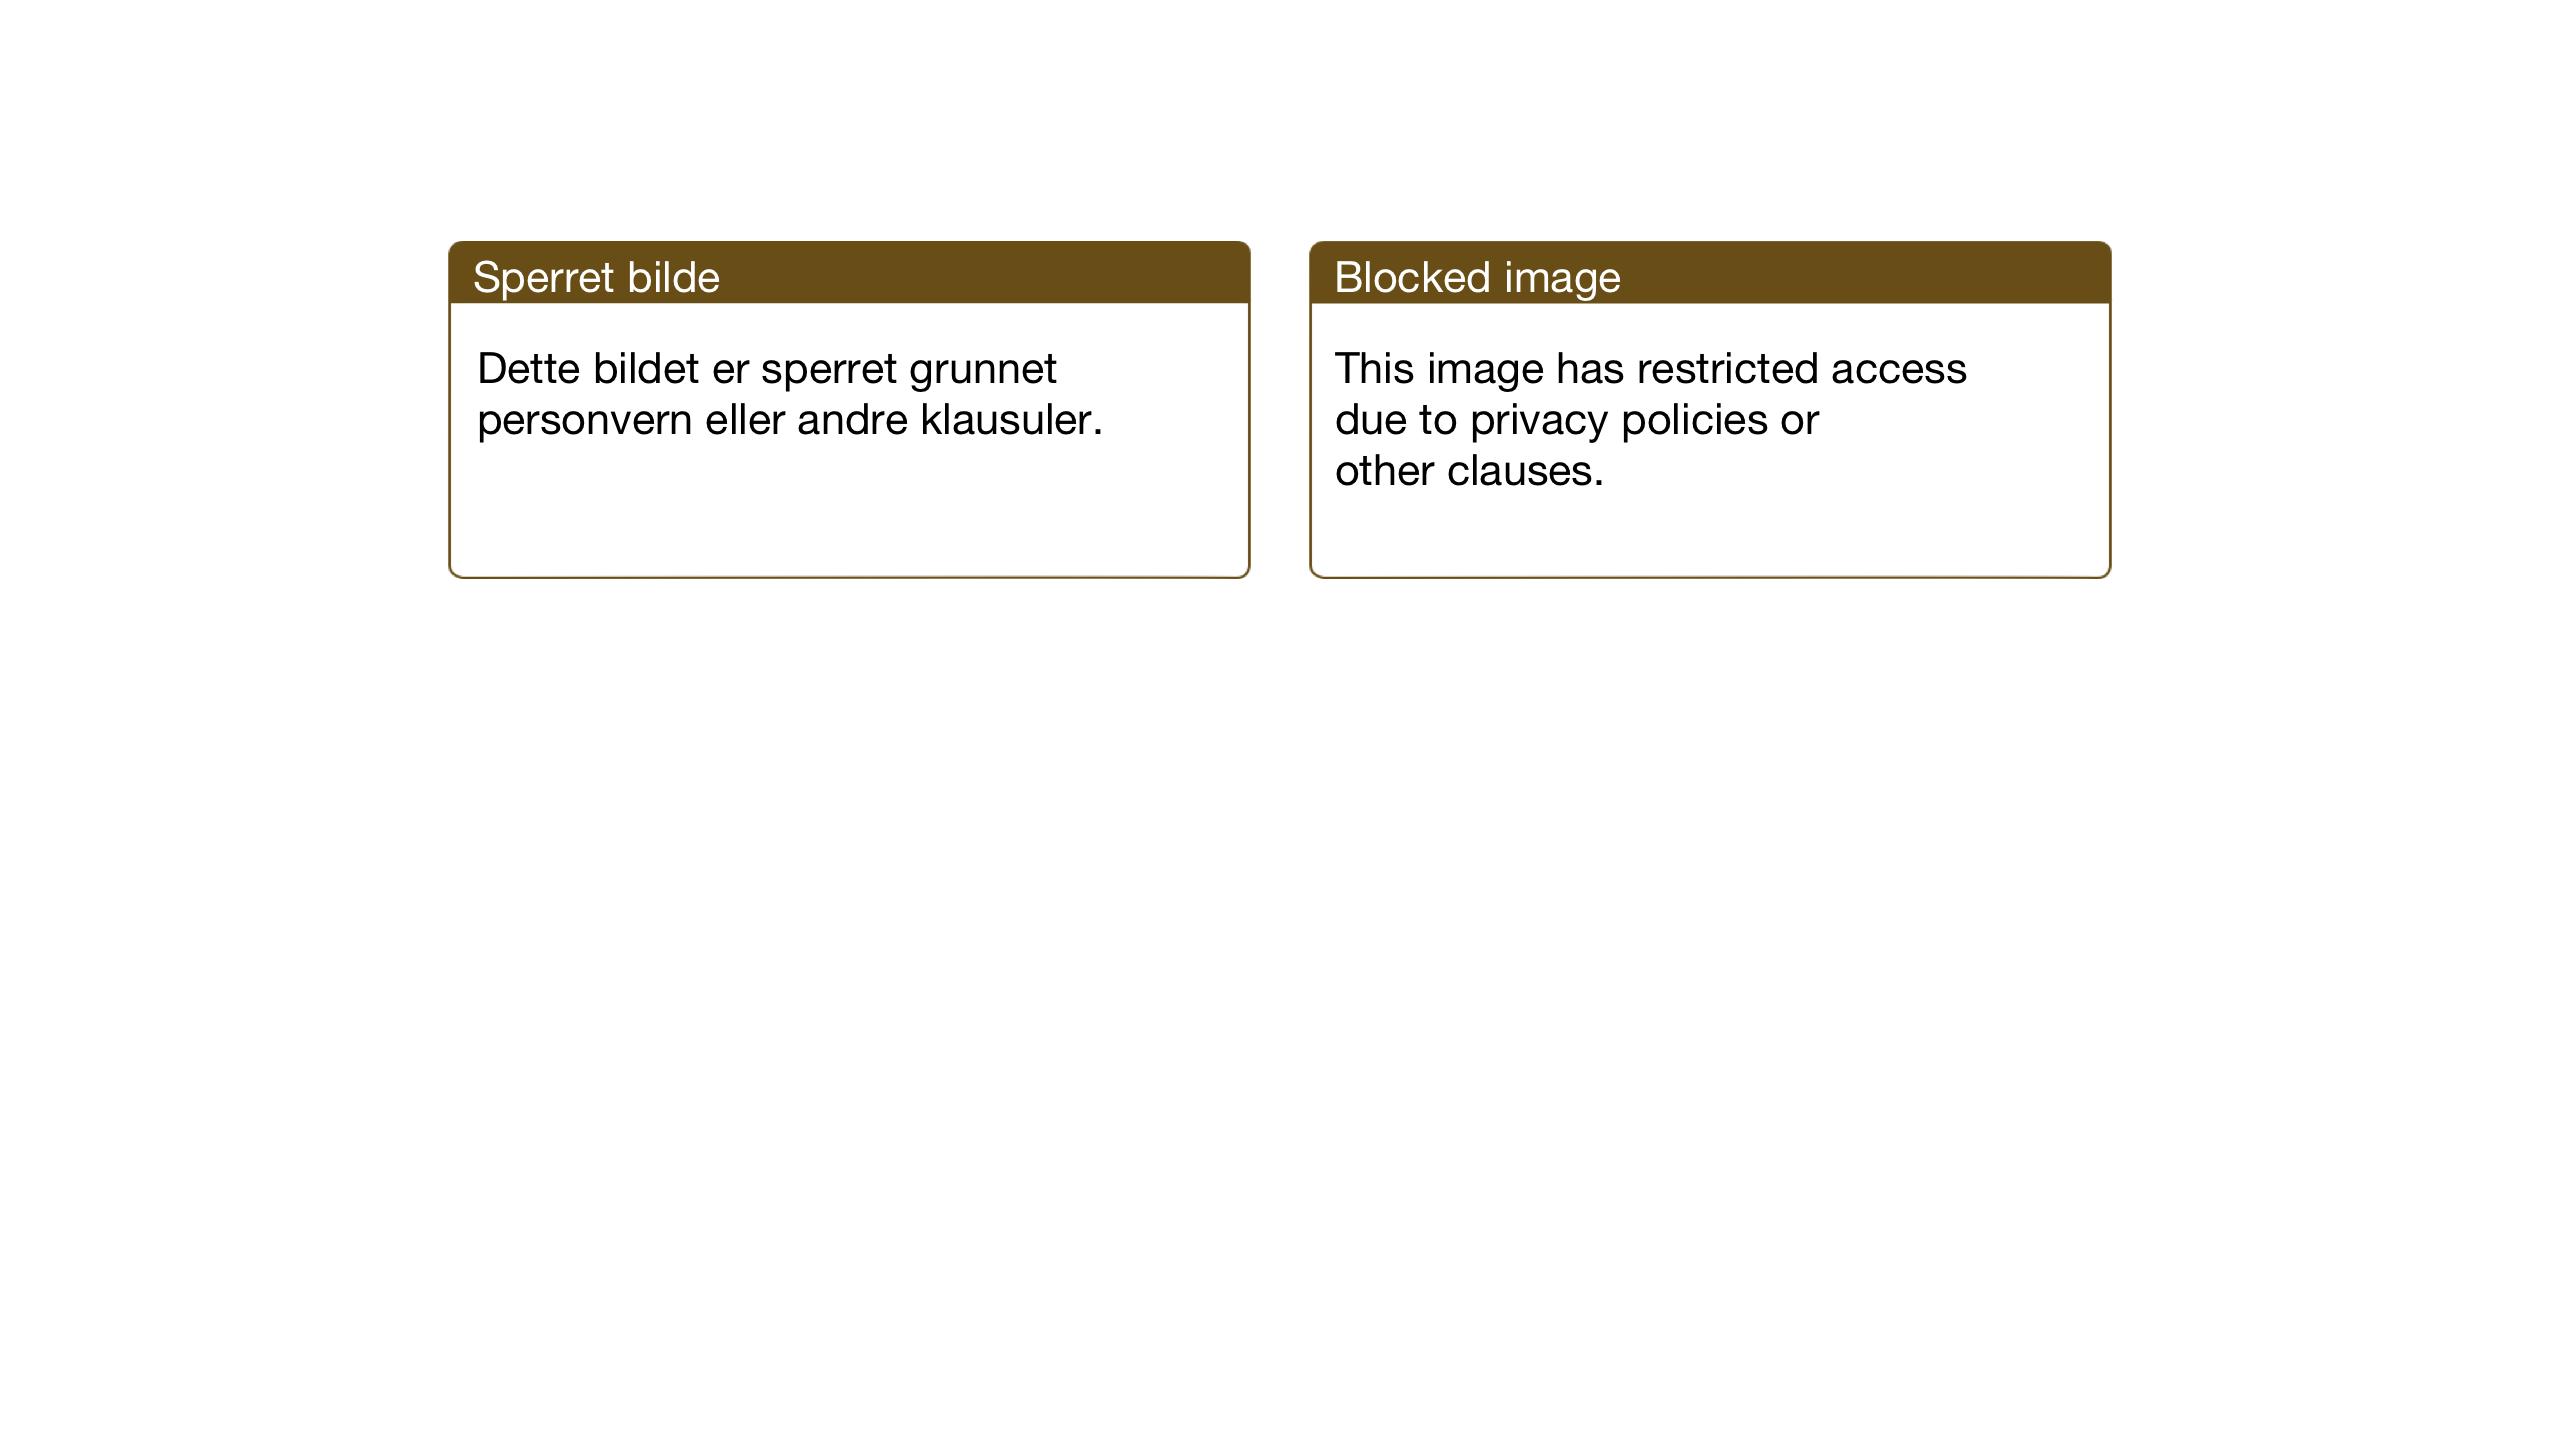 SAT, Ministerialprotokoller, klokkerbøker og fødselsregistre - Sør-Trøndelag, 695/L1158: Klokkerbok nr. 695C09, 1913-1940, s. 146